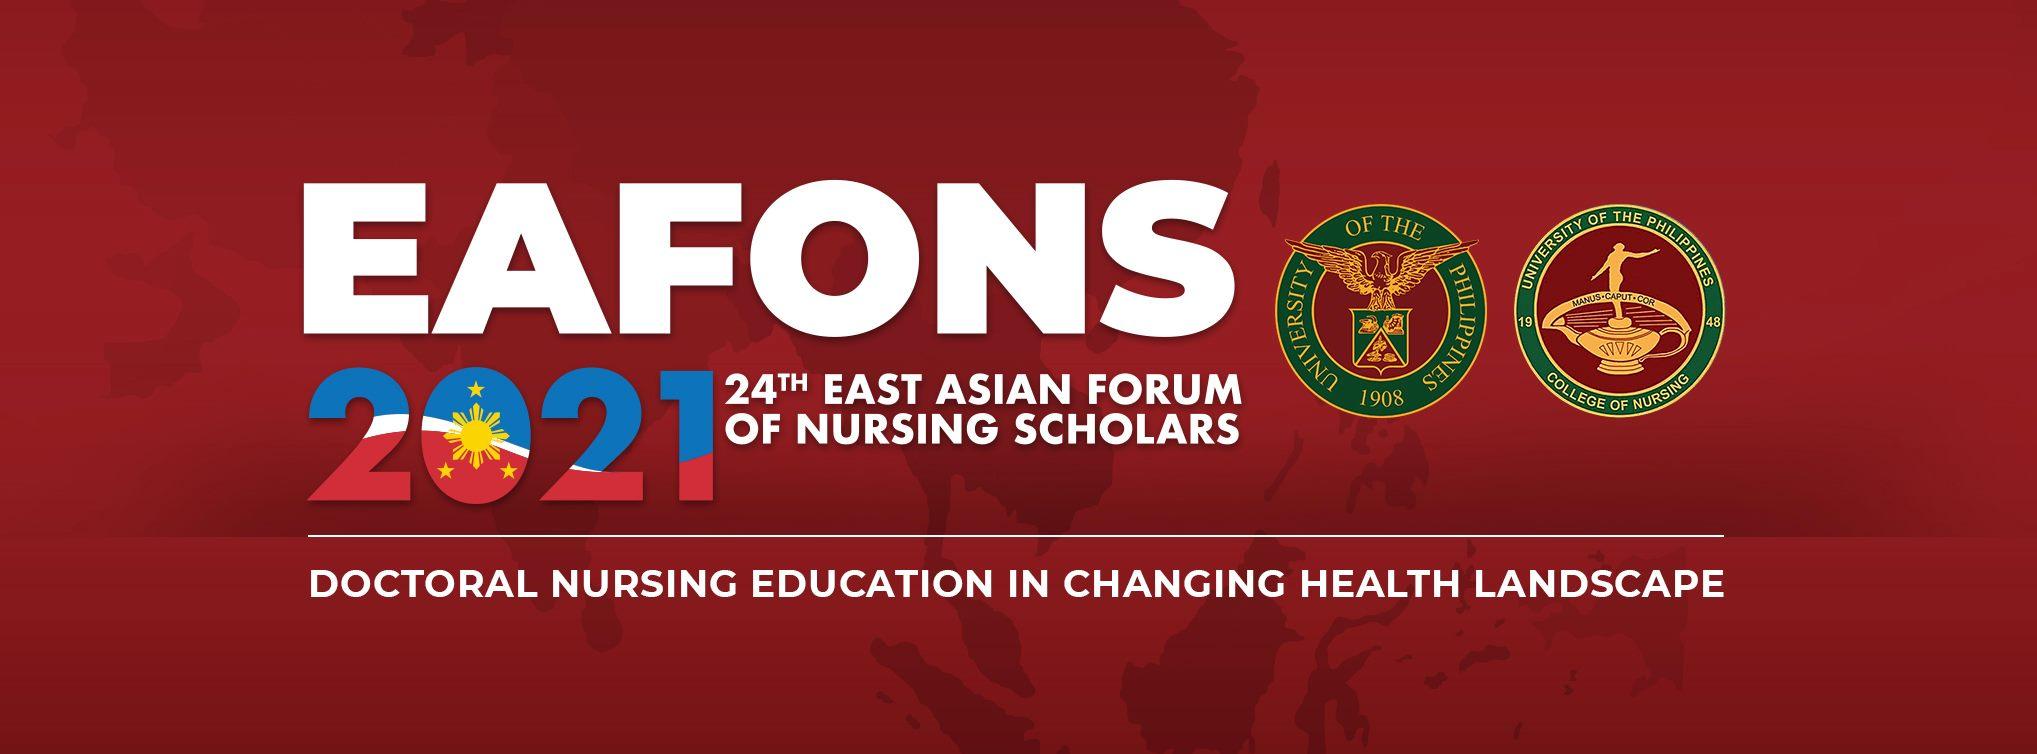 East Asia Forum of Nursing Scholars 2021